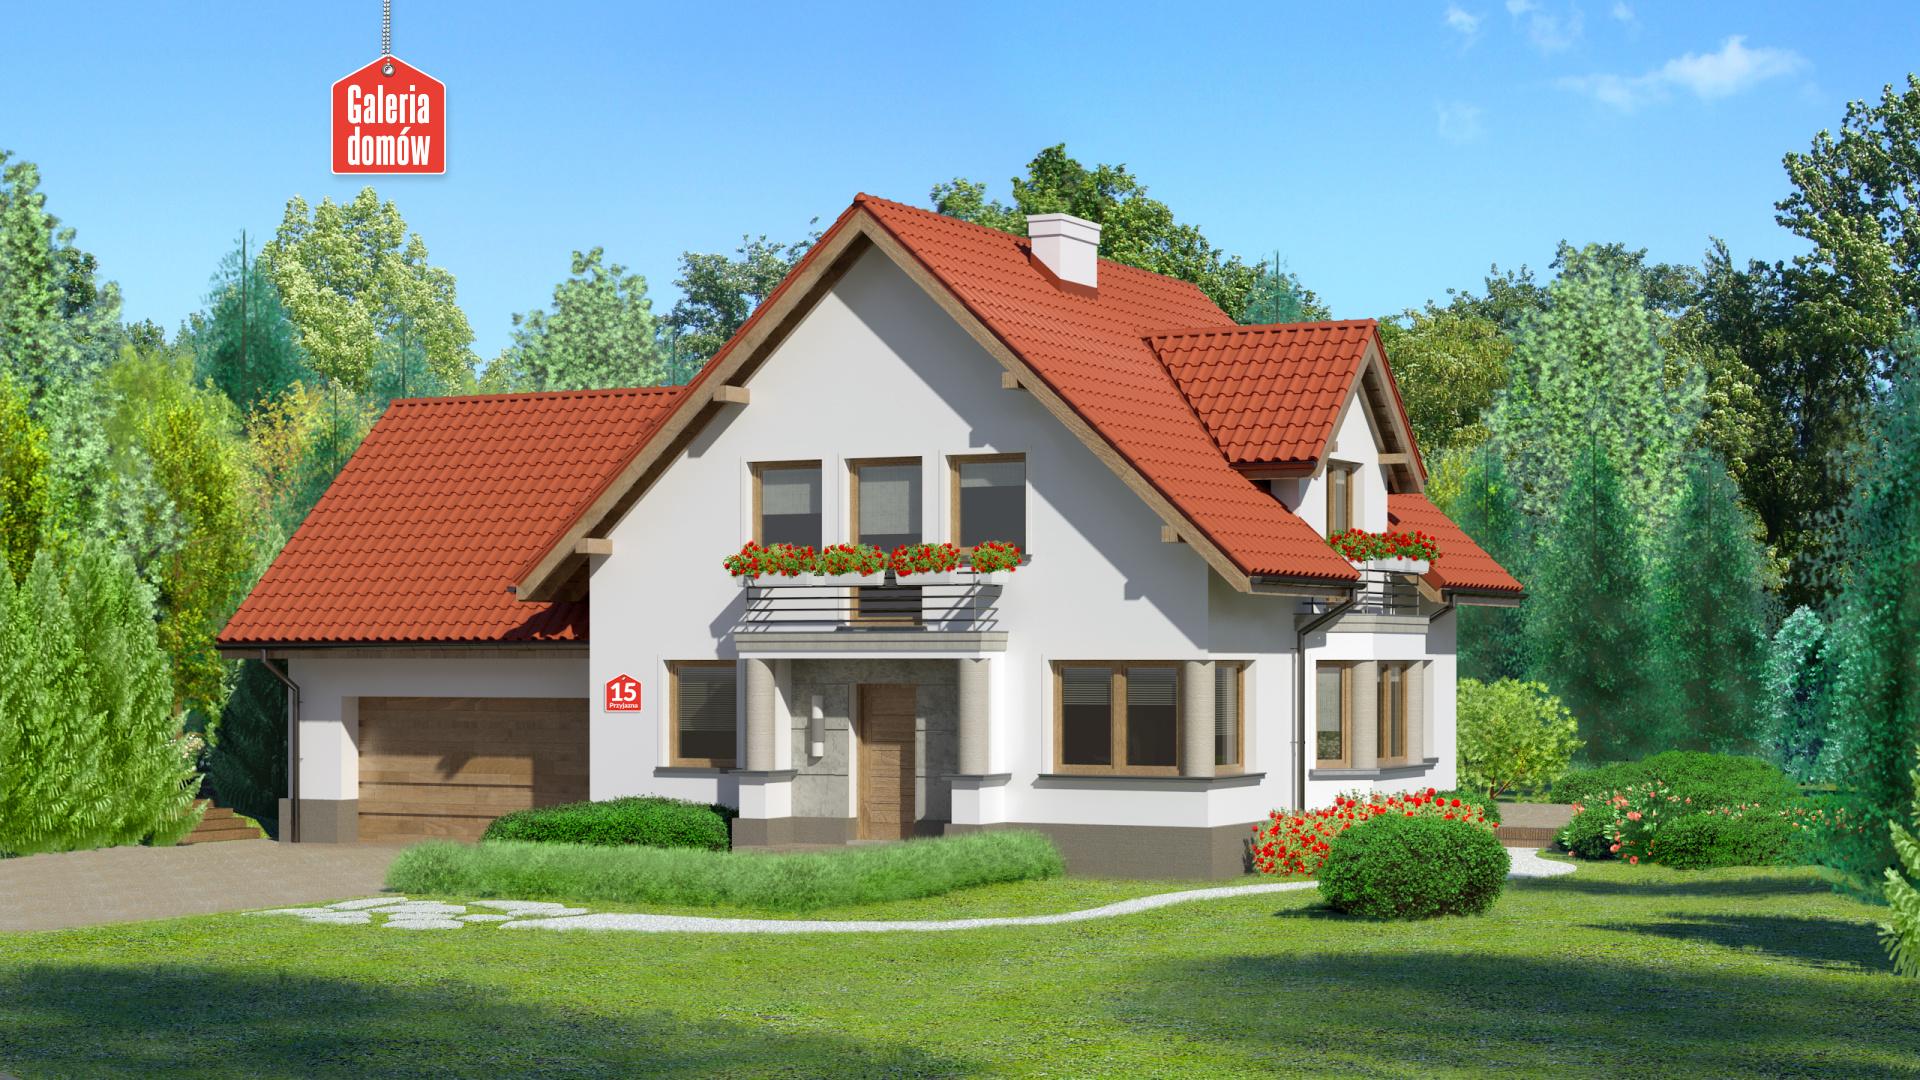 Dom przy Przyjaznej 15 - zdjęcie projektu i wizualizacja